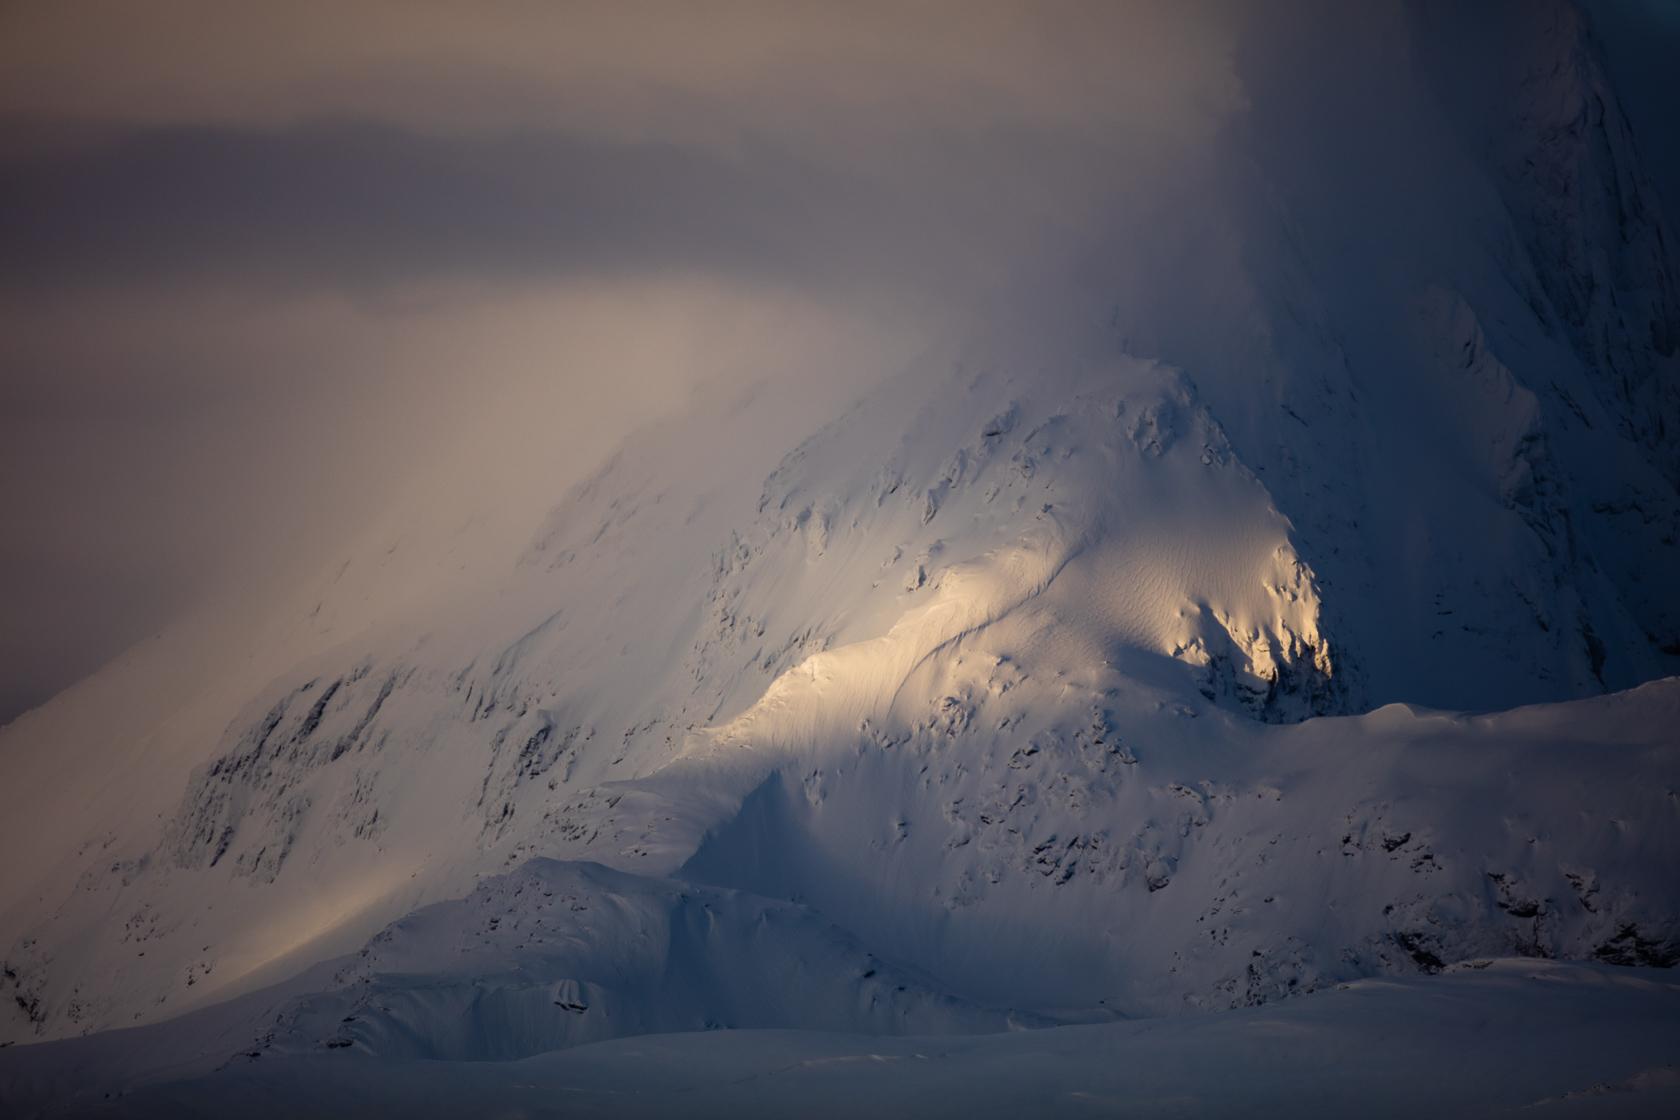 Raie de lumière sur une montagne enneigée, dans la région de Tromsø, en Norvège